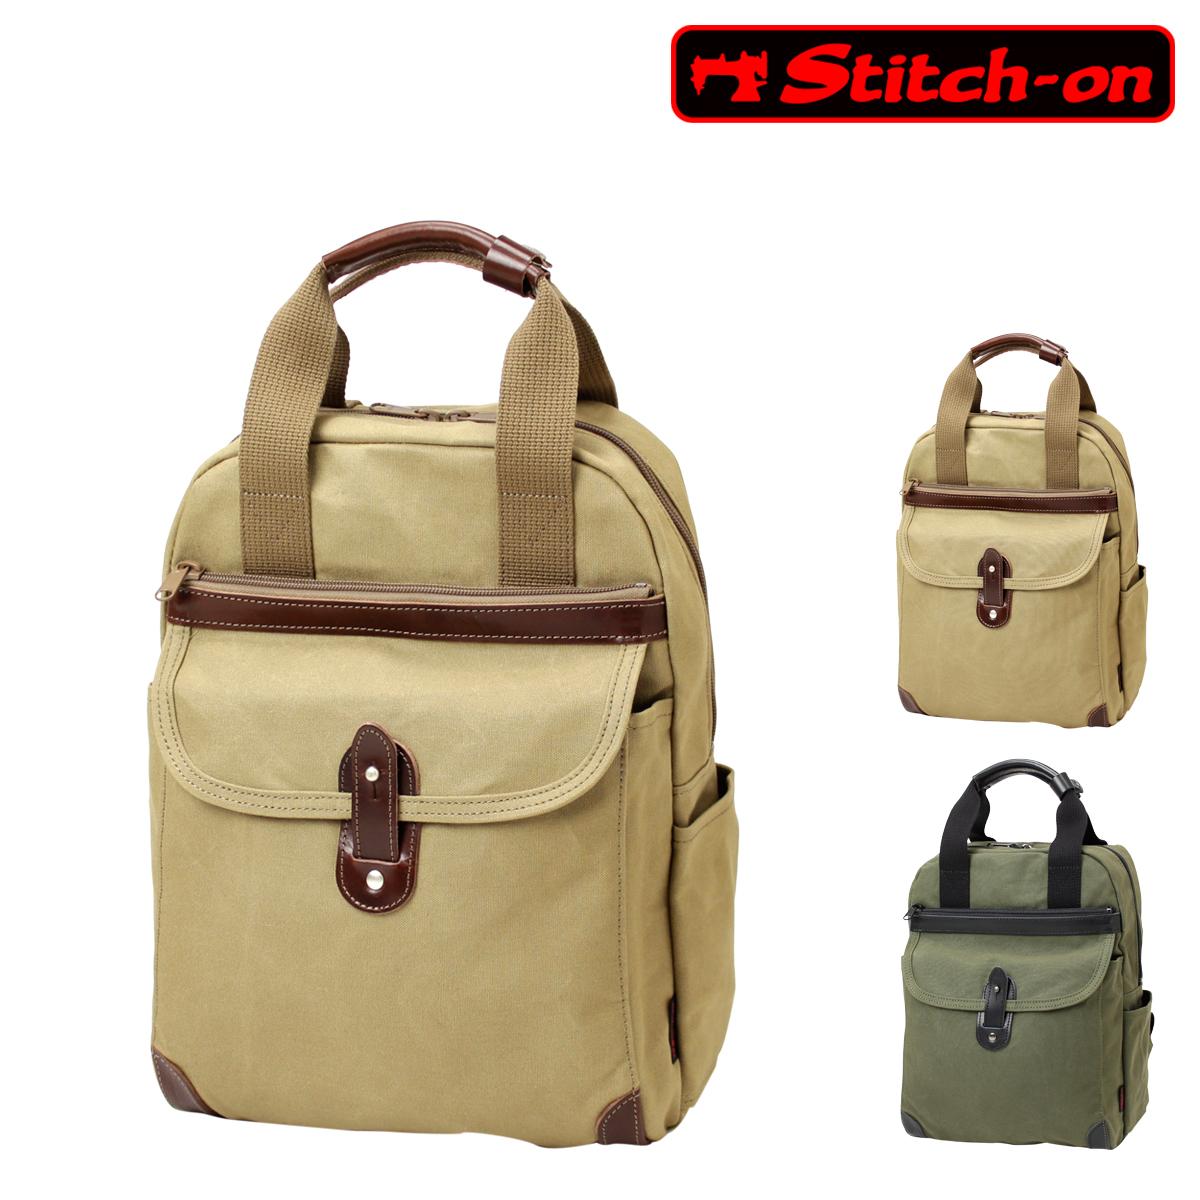 ステッチオン リュック 帆布シリーズ メンズ 52201 日本製 Stitch-on | ダレス リュックサック バックパック 2WAY A4 豊岡 10号帆布[PO10][bef]